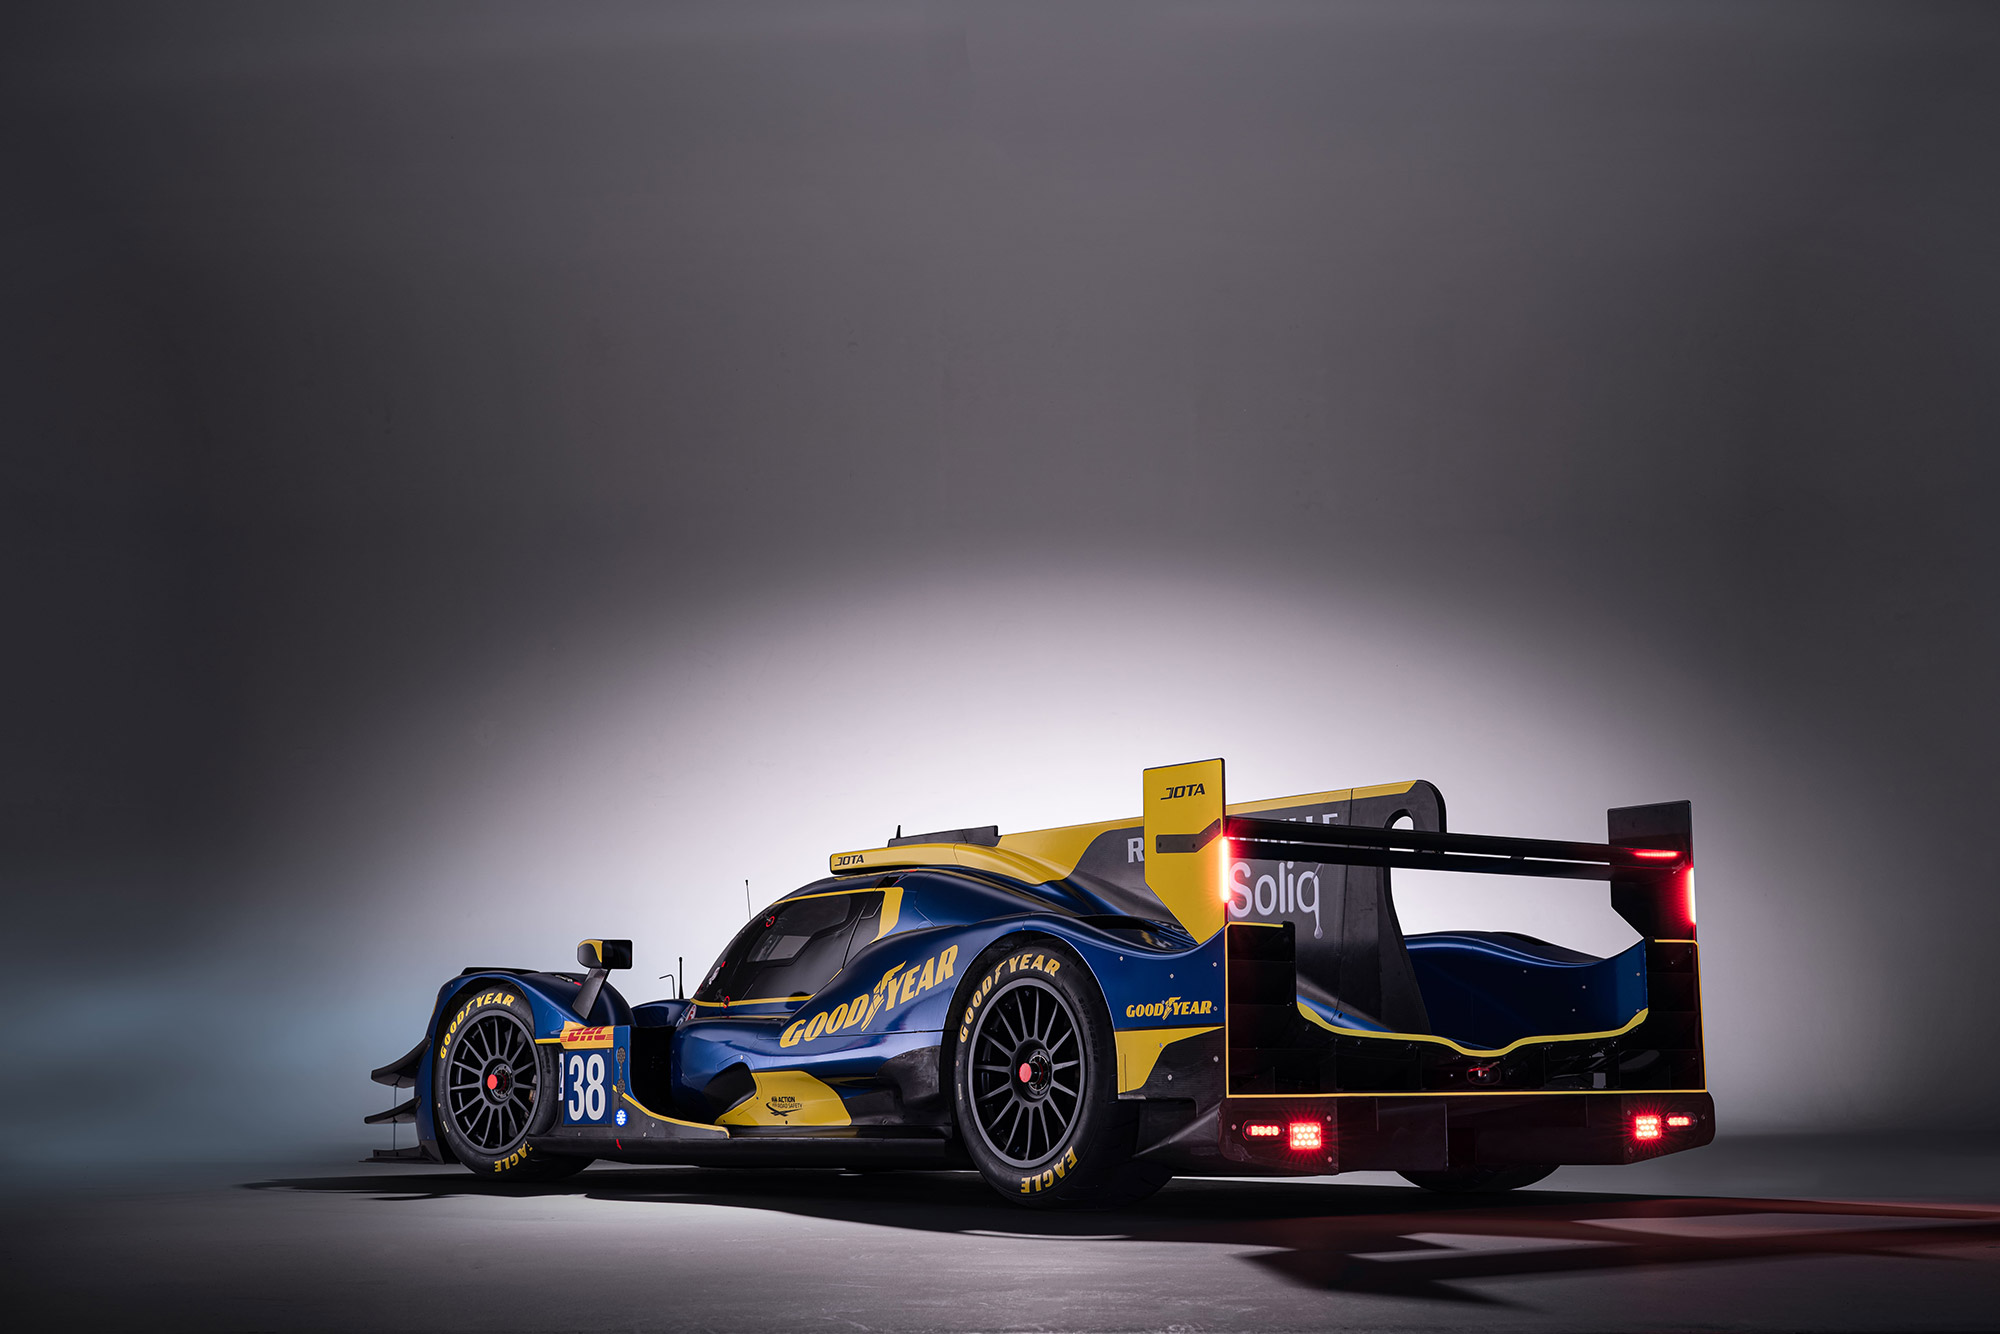 goodyear-jota-racing.jpg